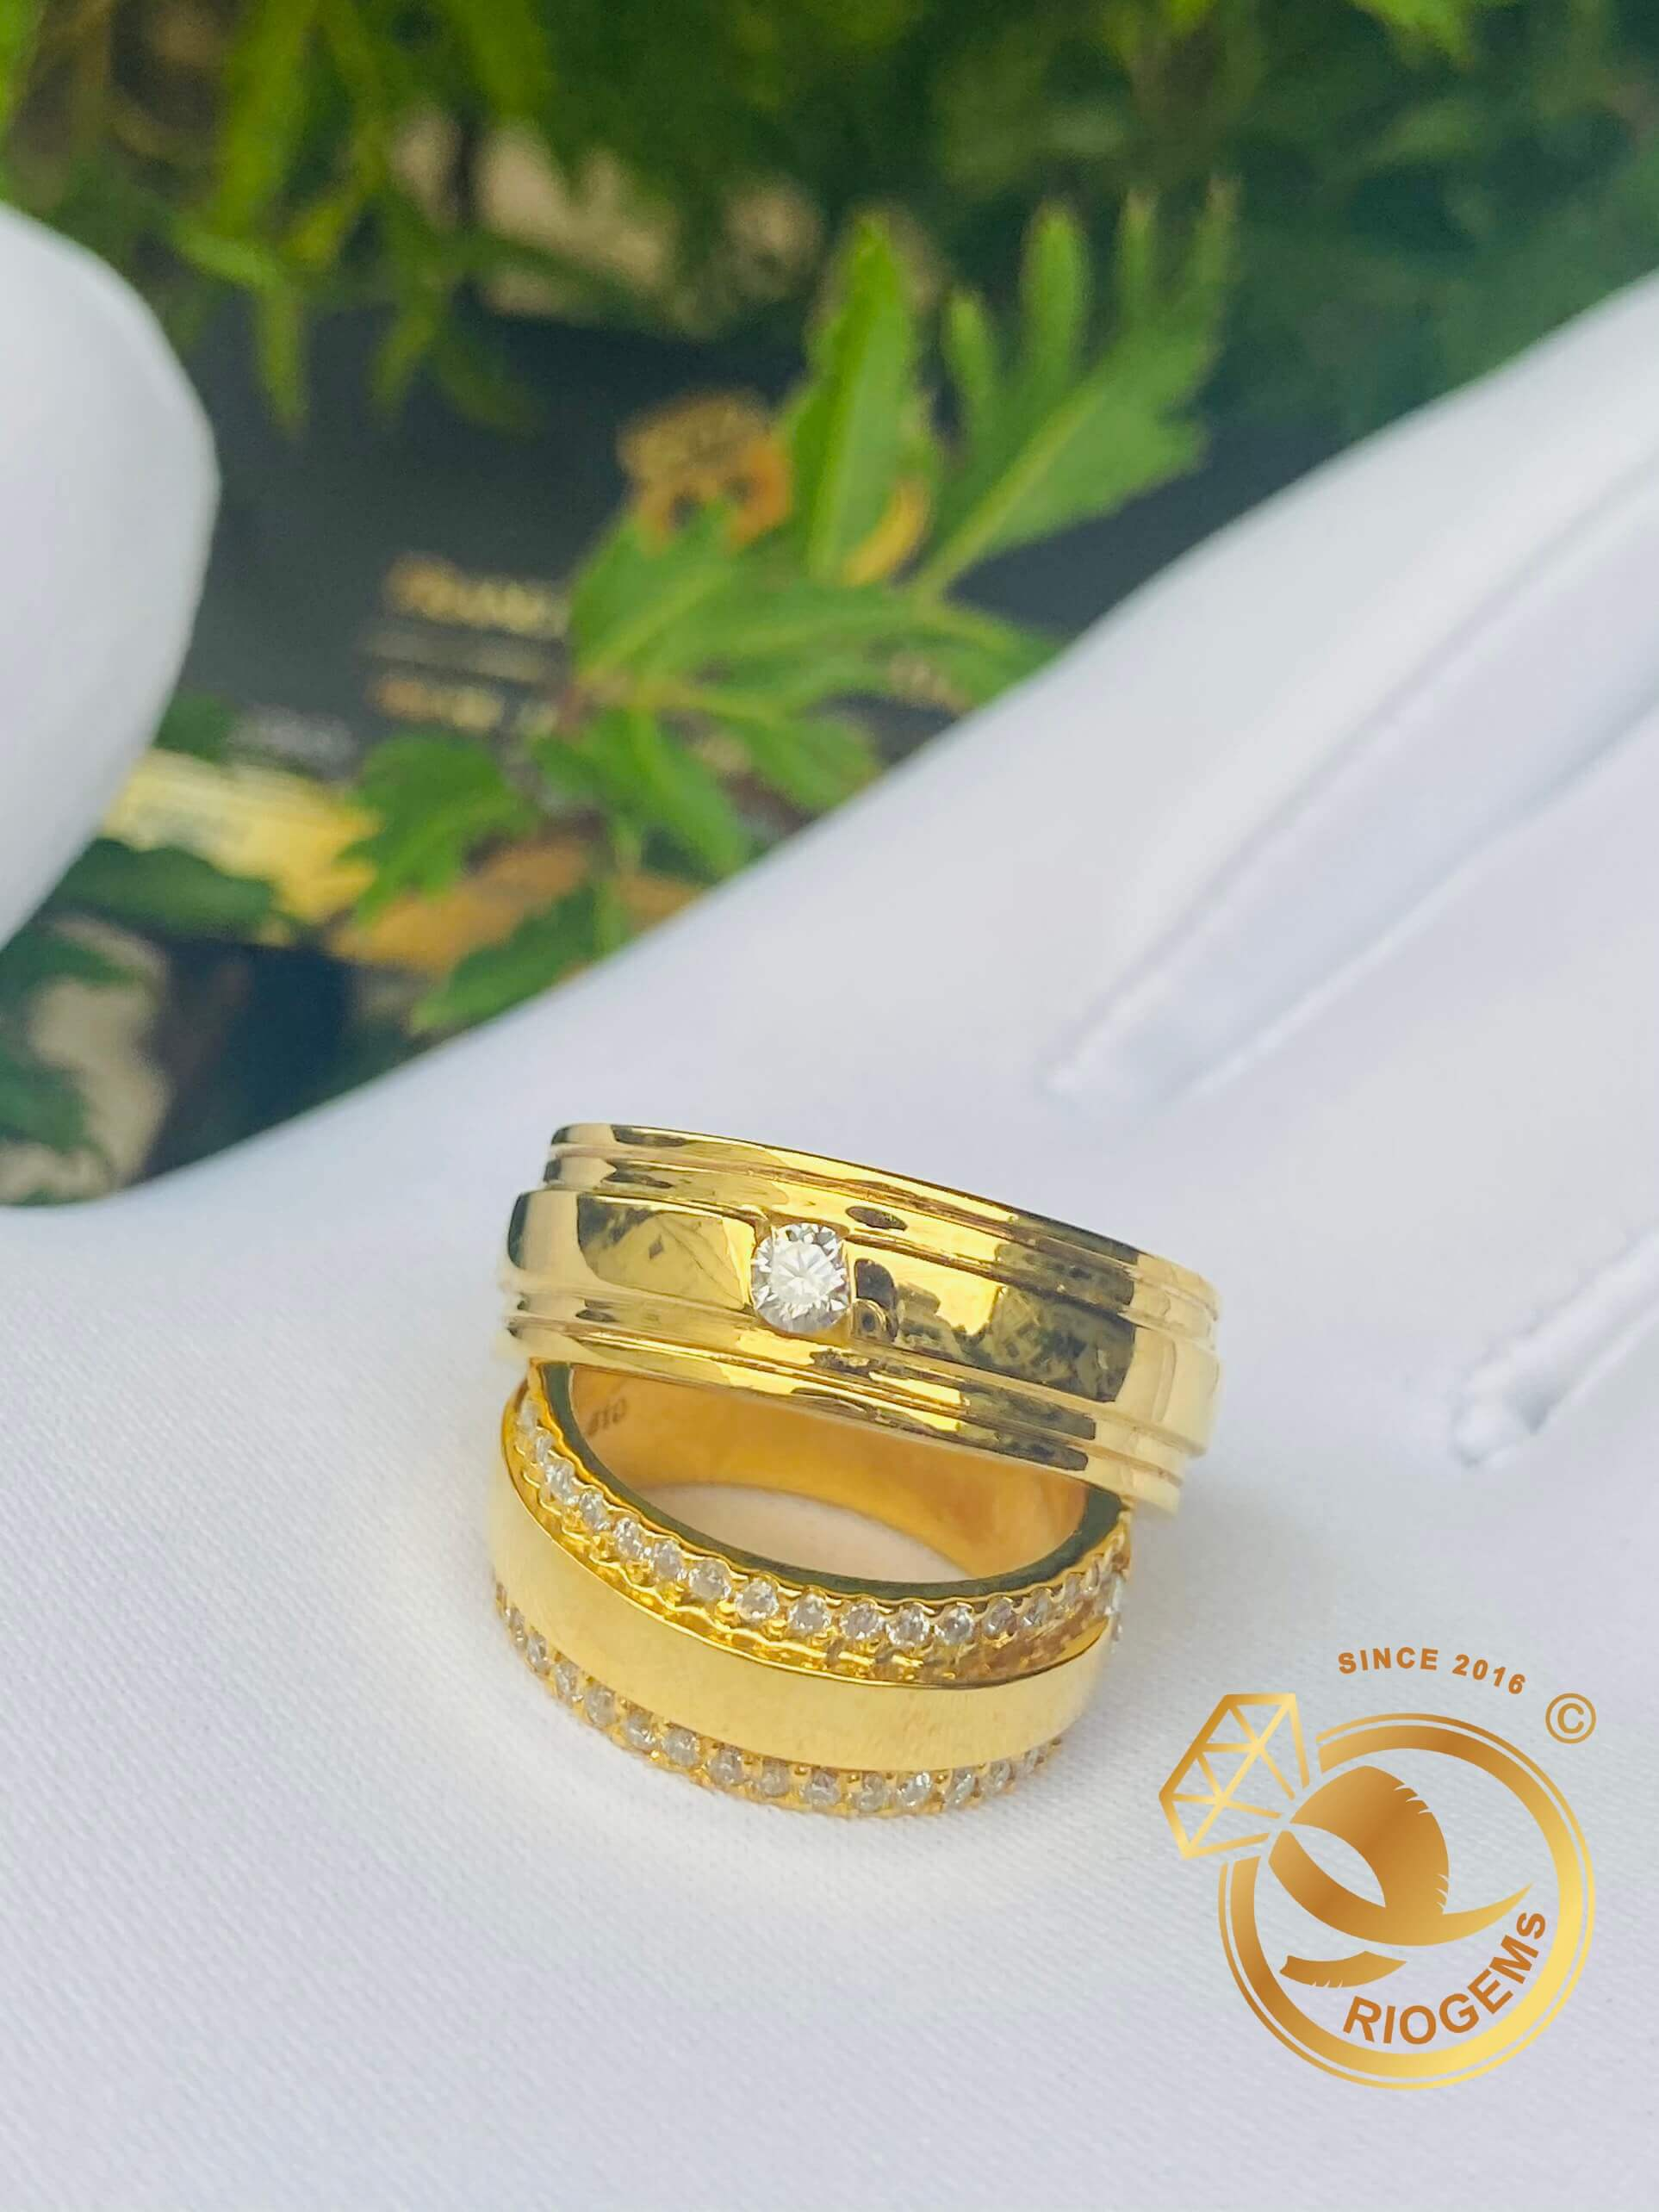 Cặp nhẫn kỷ niệm ngày cưới VÀNG 18K đính đá Cz Riogems